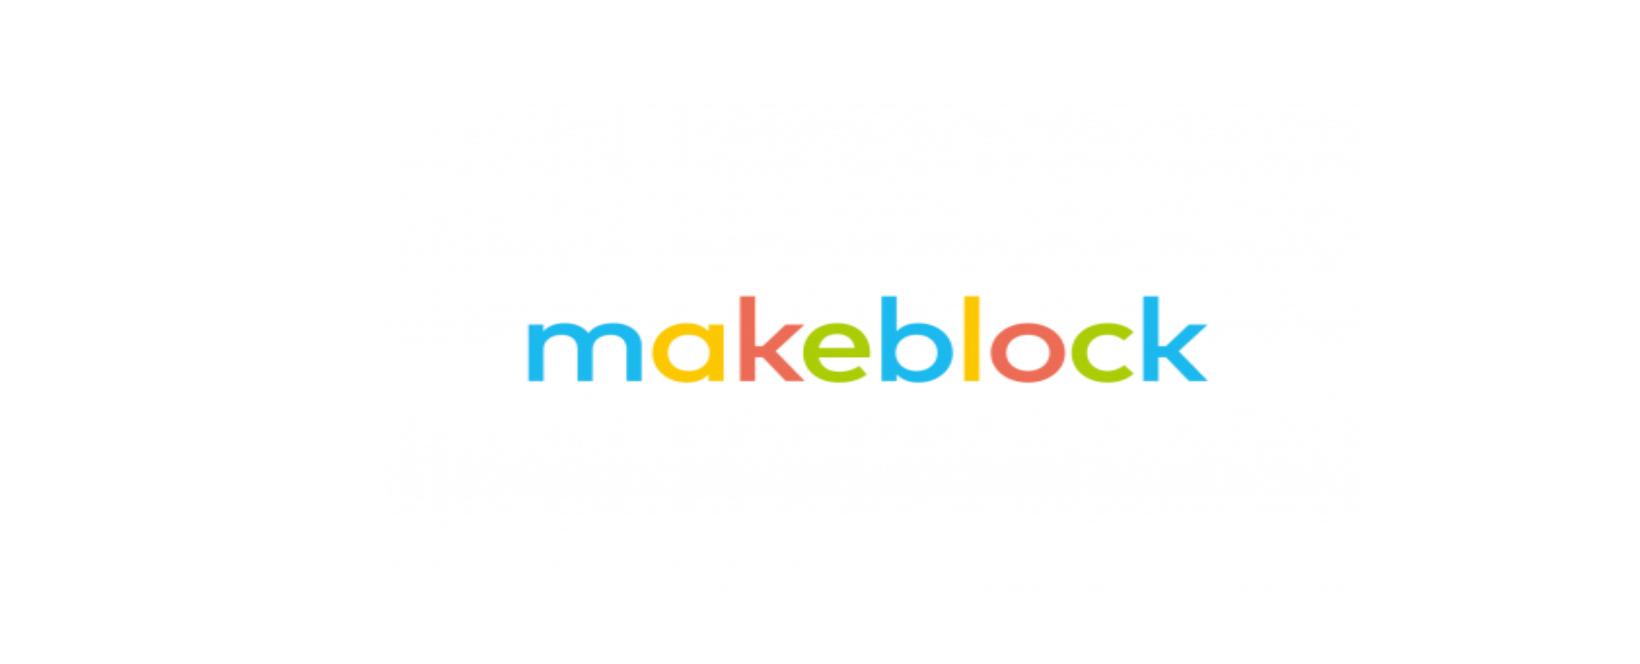 Makeblock Discount Code 2021